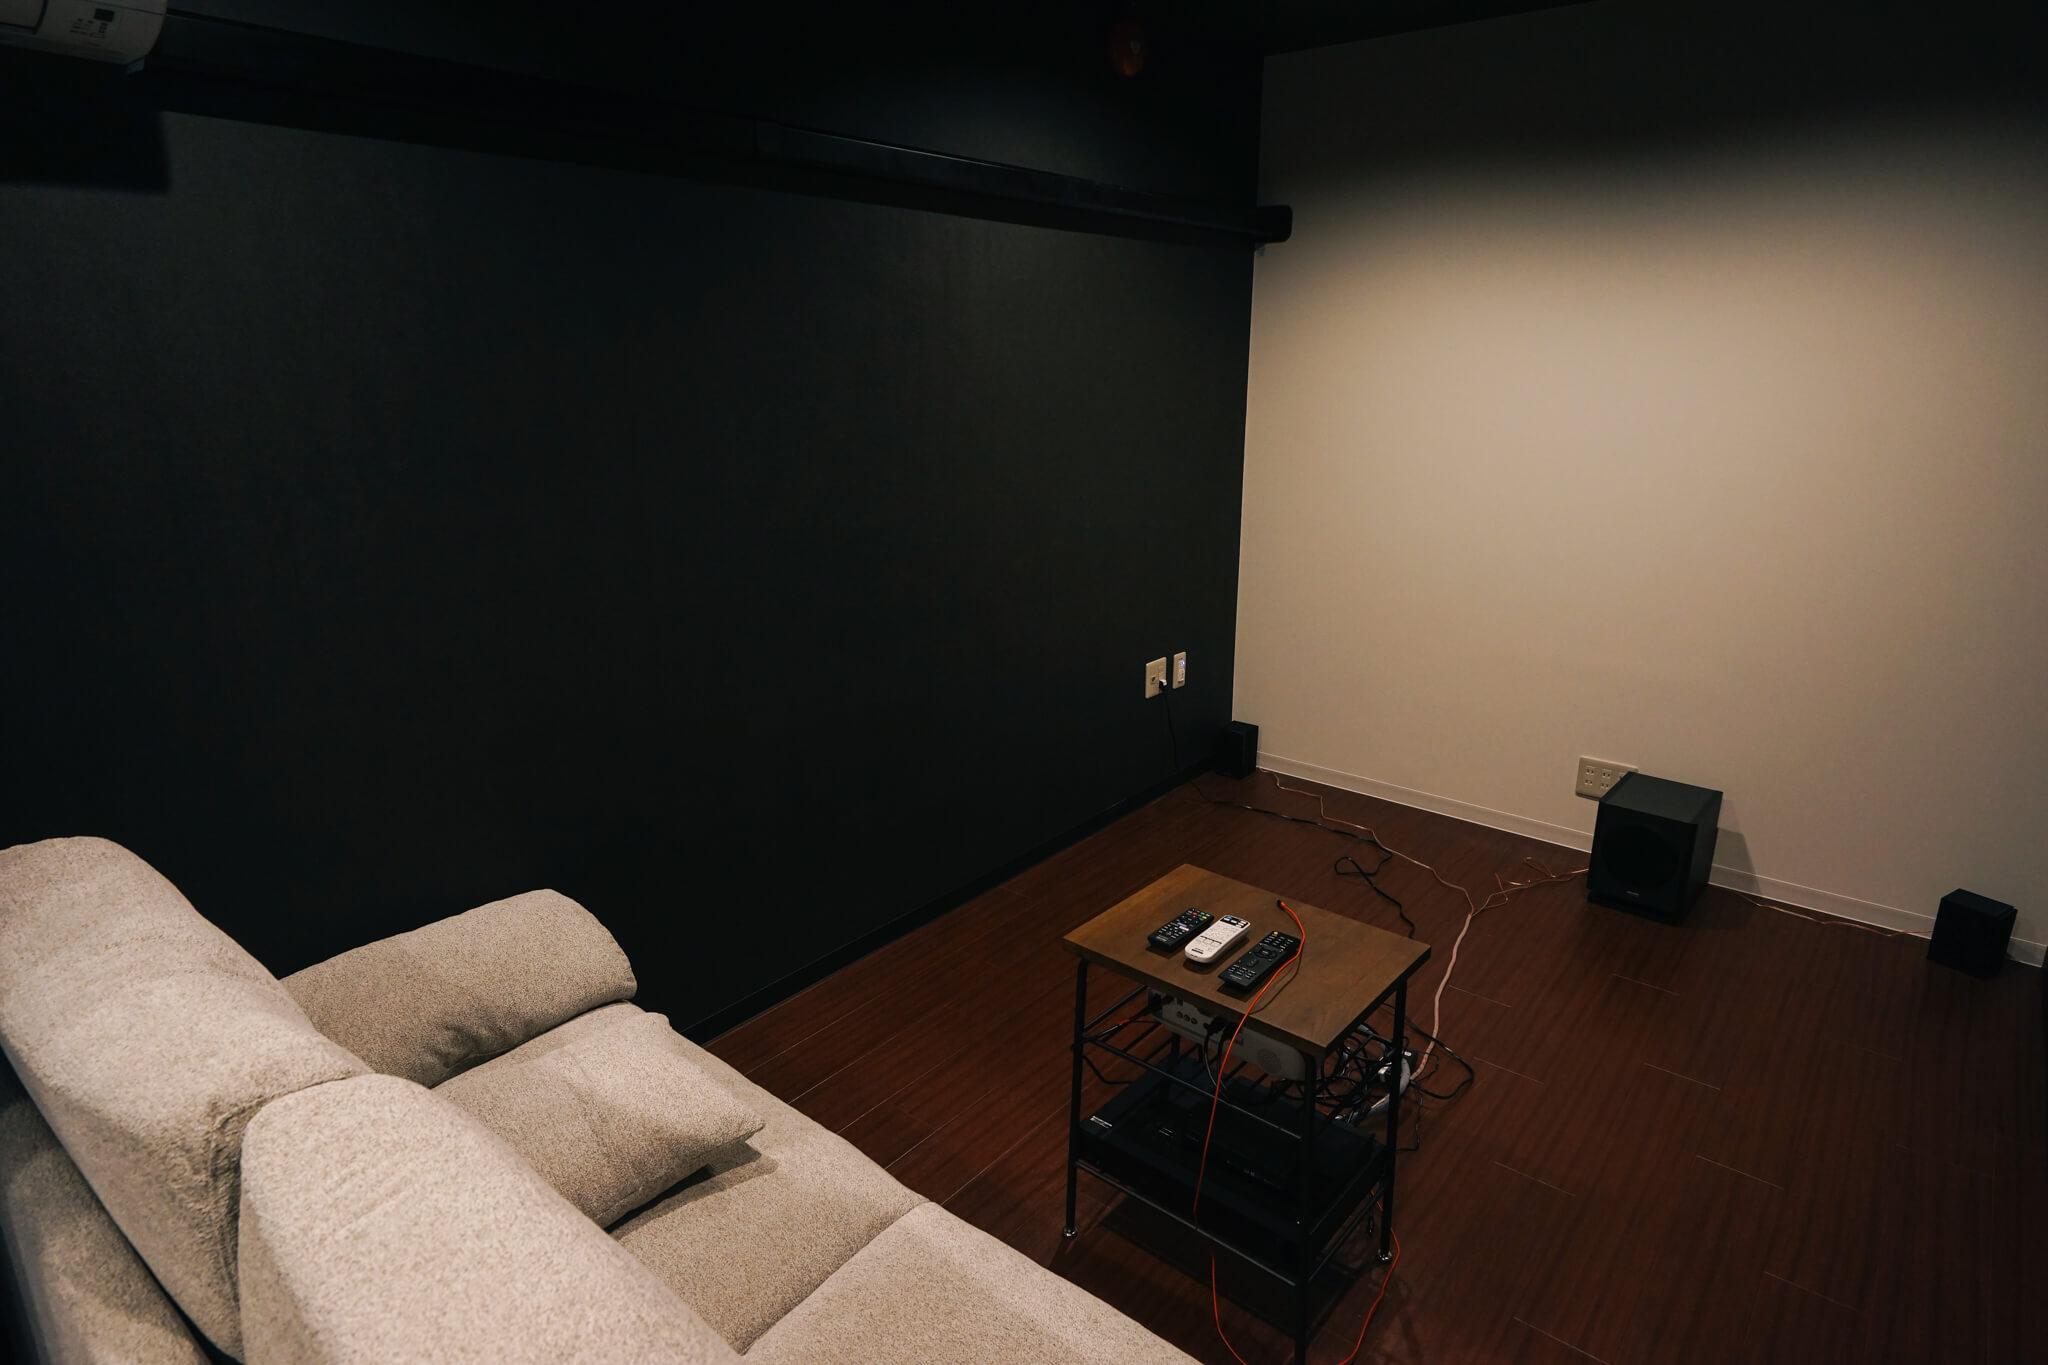 隣にあるシアタールームは、2人がけソファで超少人数専用となっています。映画の世界に没入できそう。